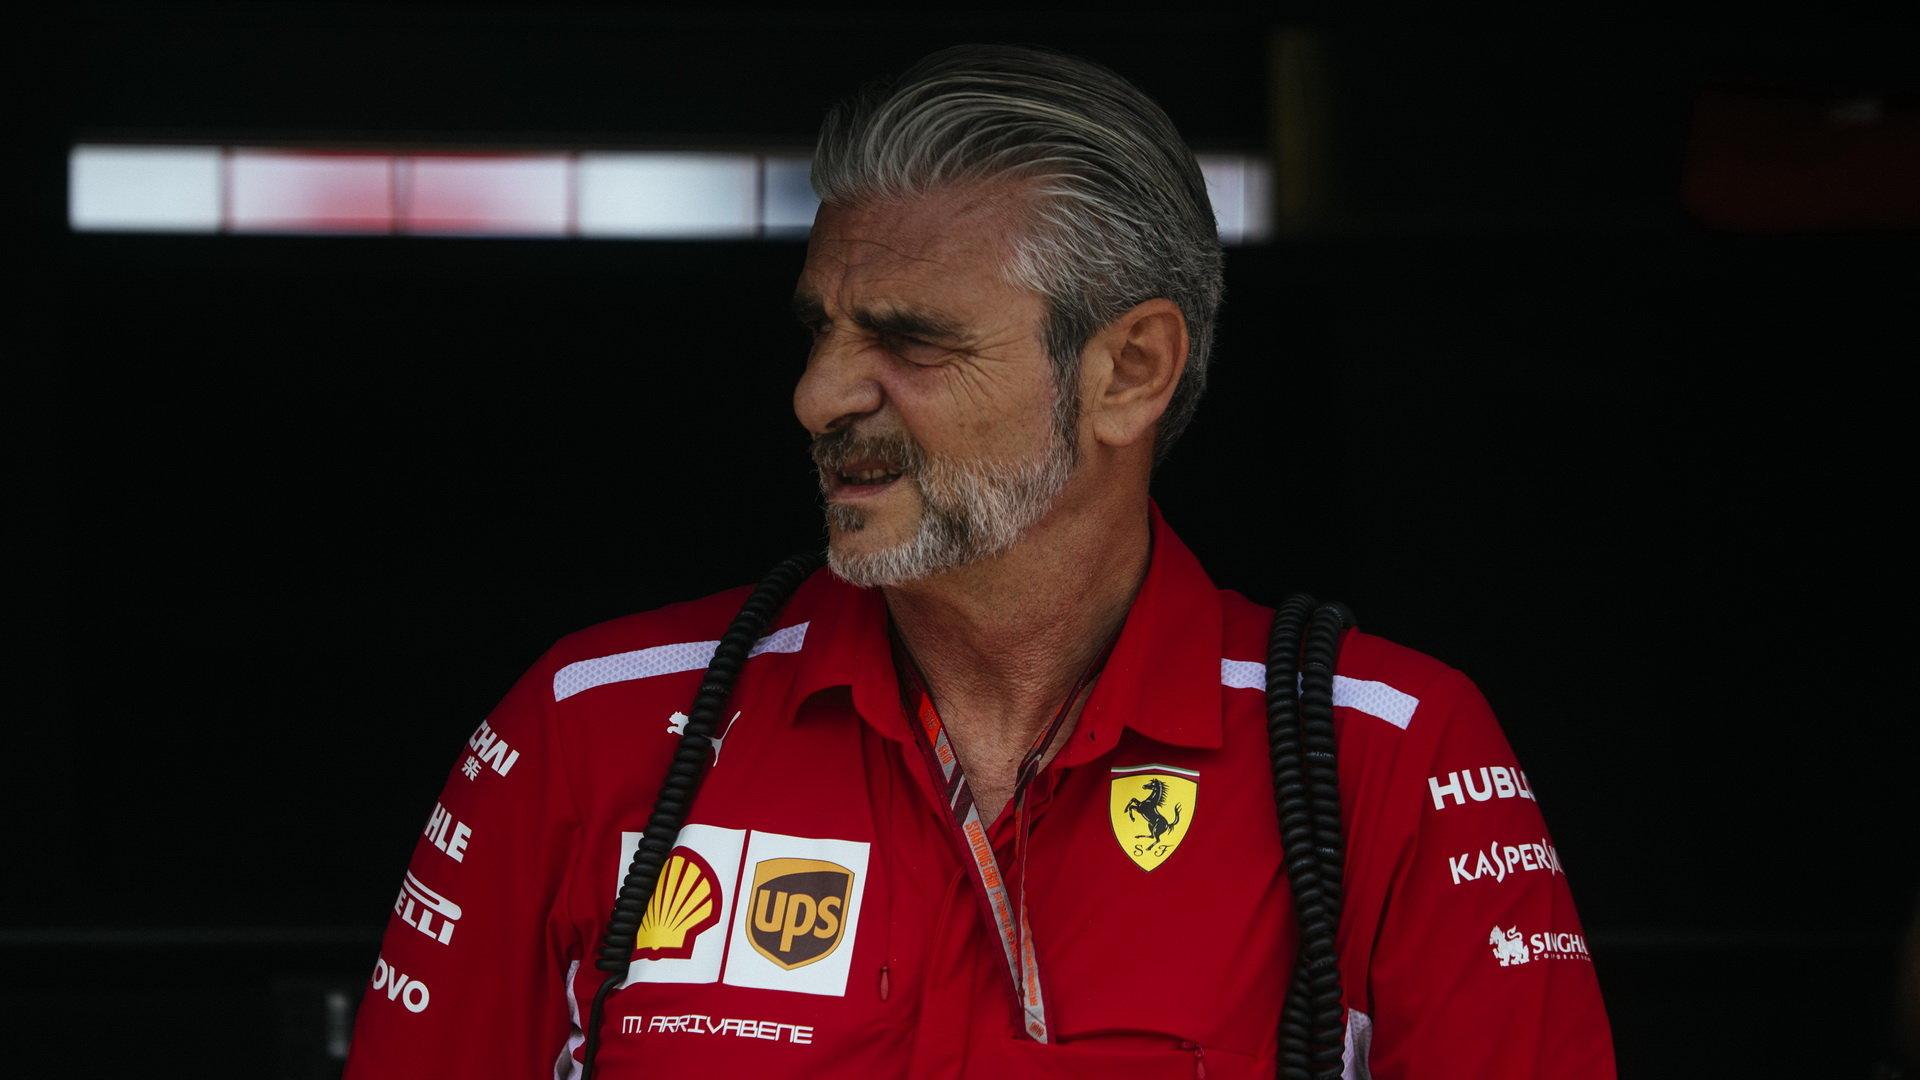 Maurizio Arrivabene čelil po sezóně 2018 velké kritice